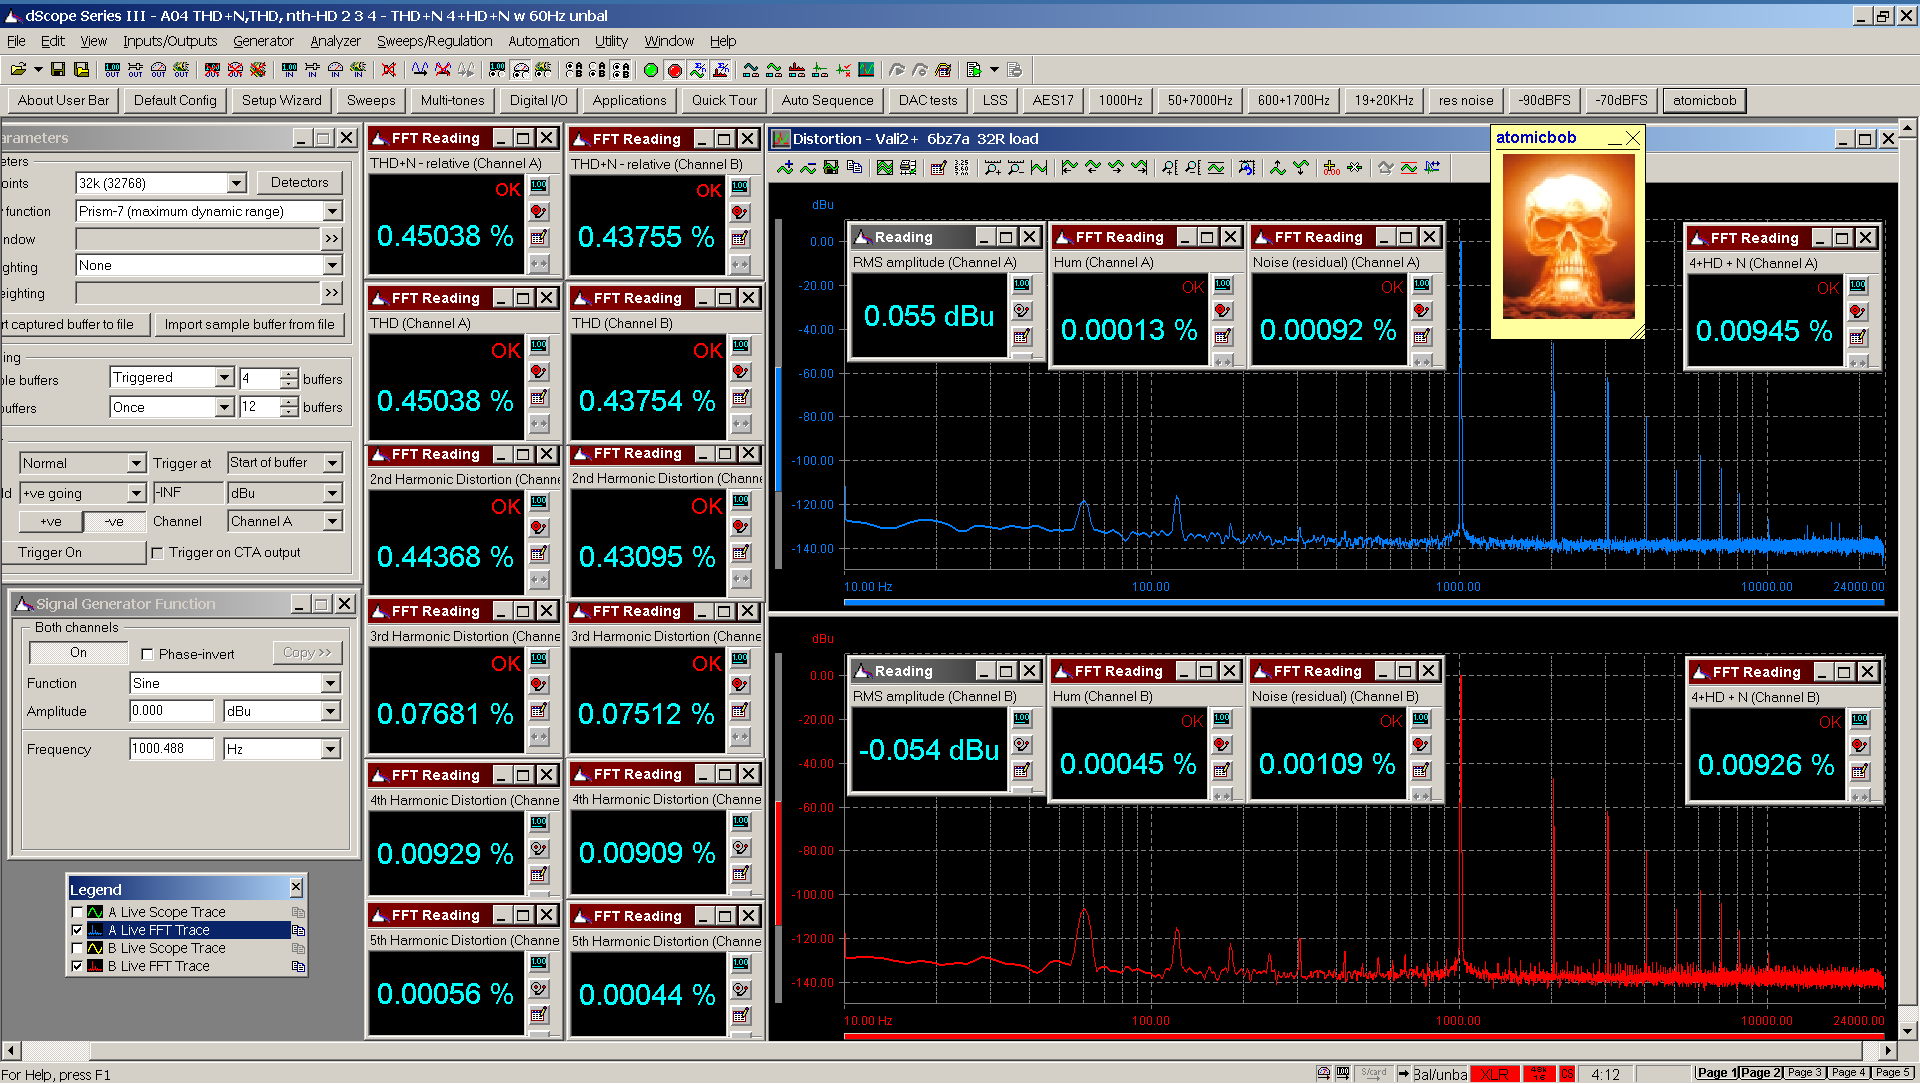 20201120 Vali2+ 6bz7a A04 THD+N  THD  nth-HD FFT 32R - 4+HD+N with 60Hz 0dBu.png